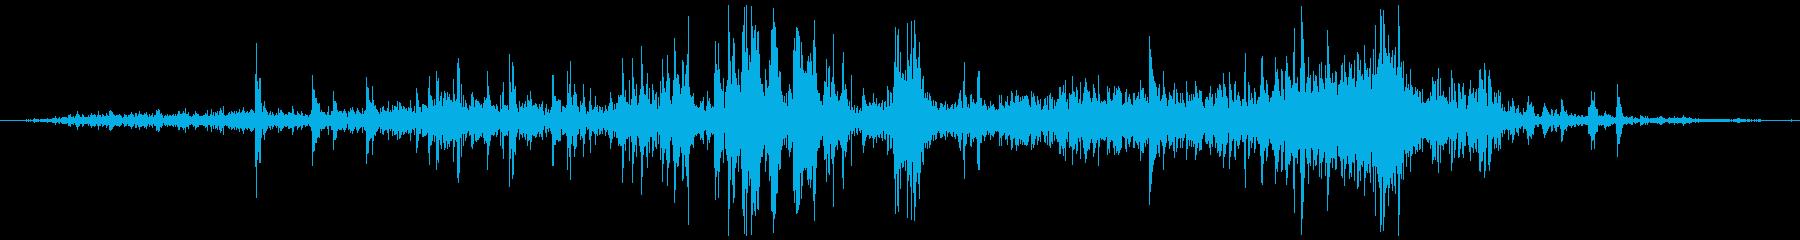 かじる、かむ  カッ+シャクッ ゲーム風の再生済みの波形